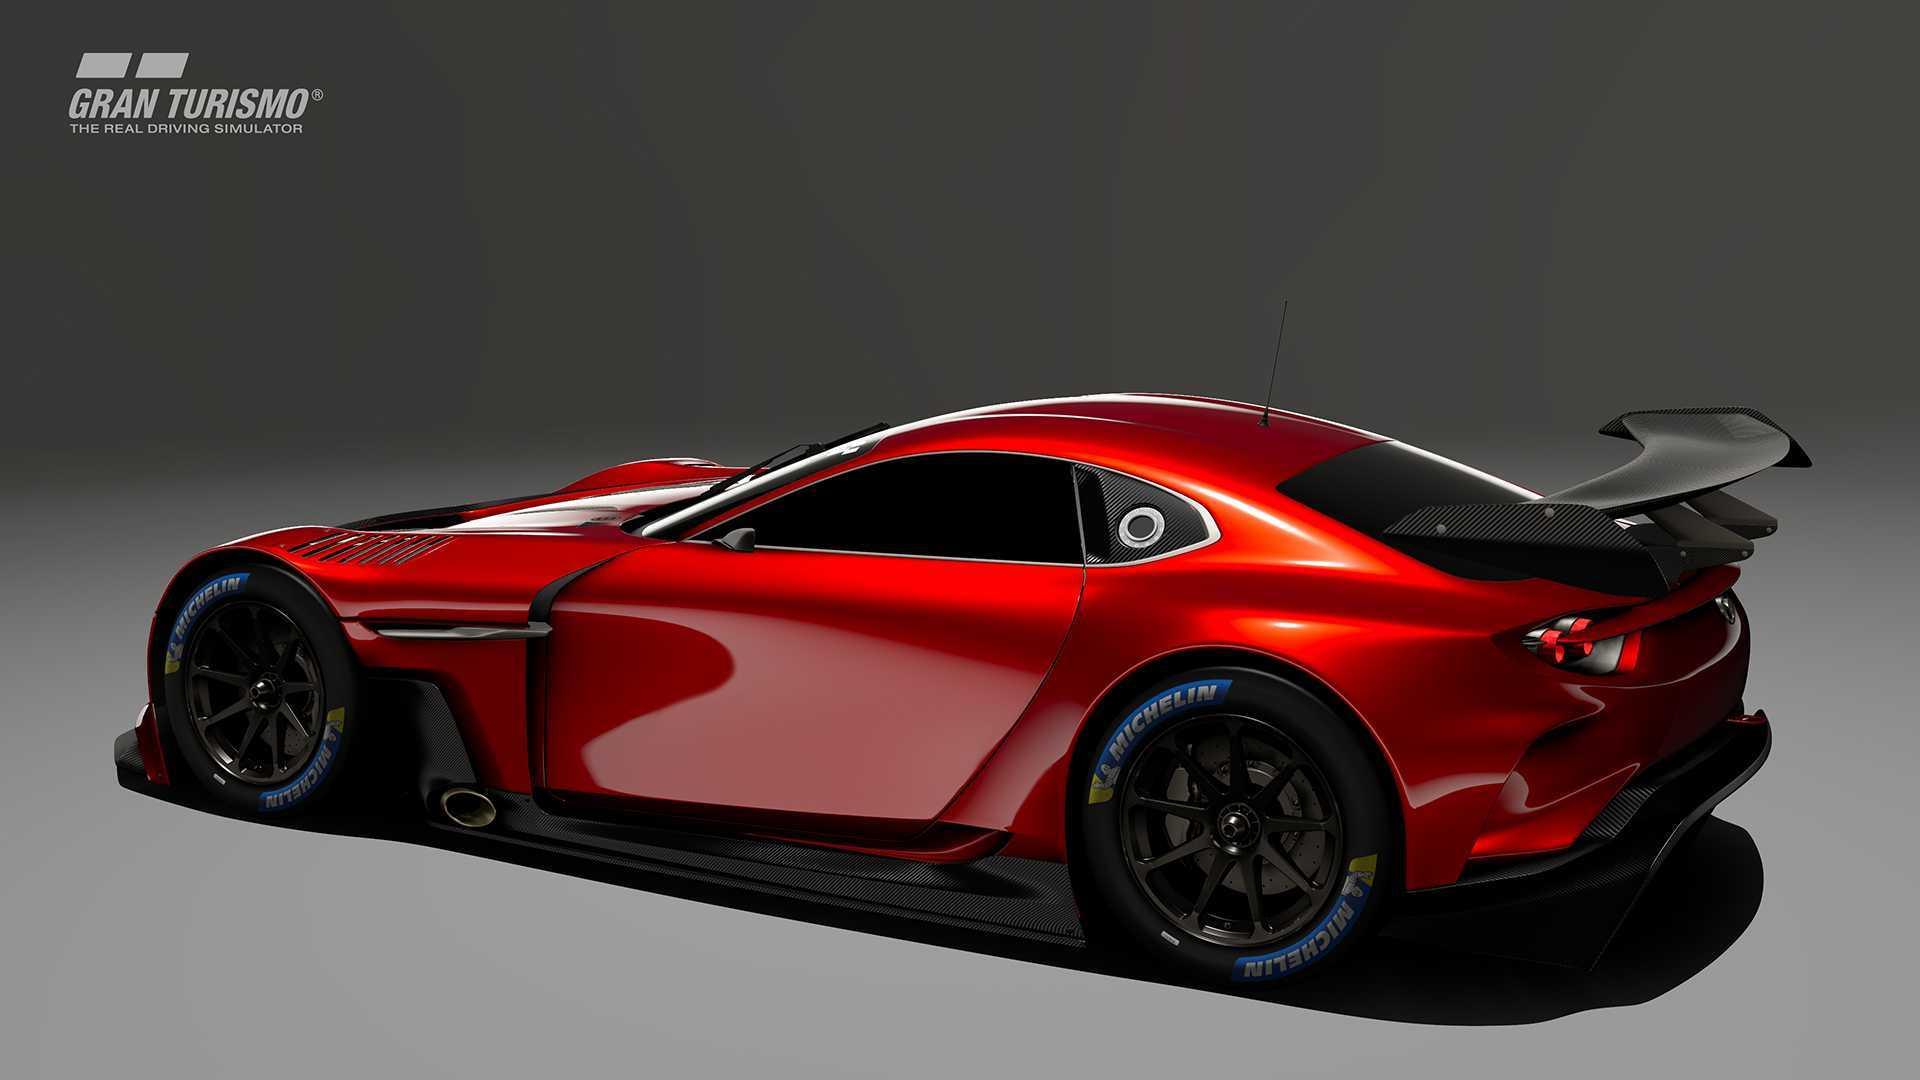 Concursa y podrás conducir el Mazda RX-Vison GT3 Concept